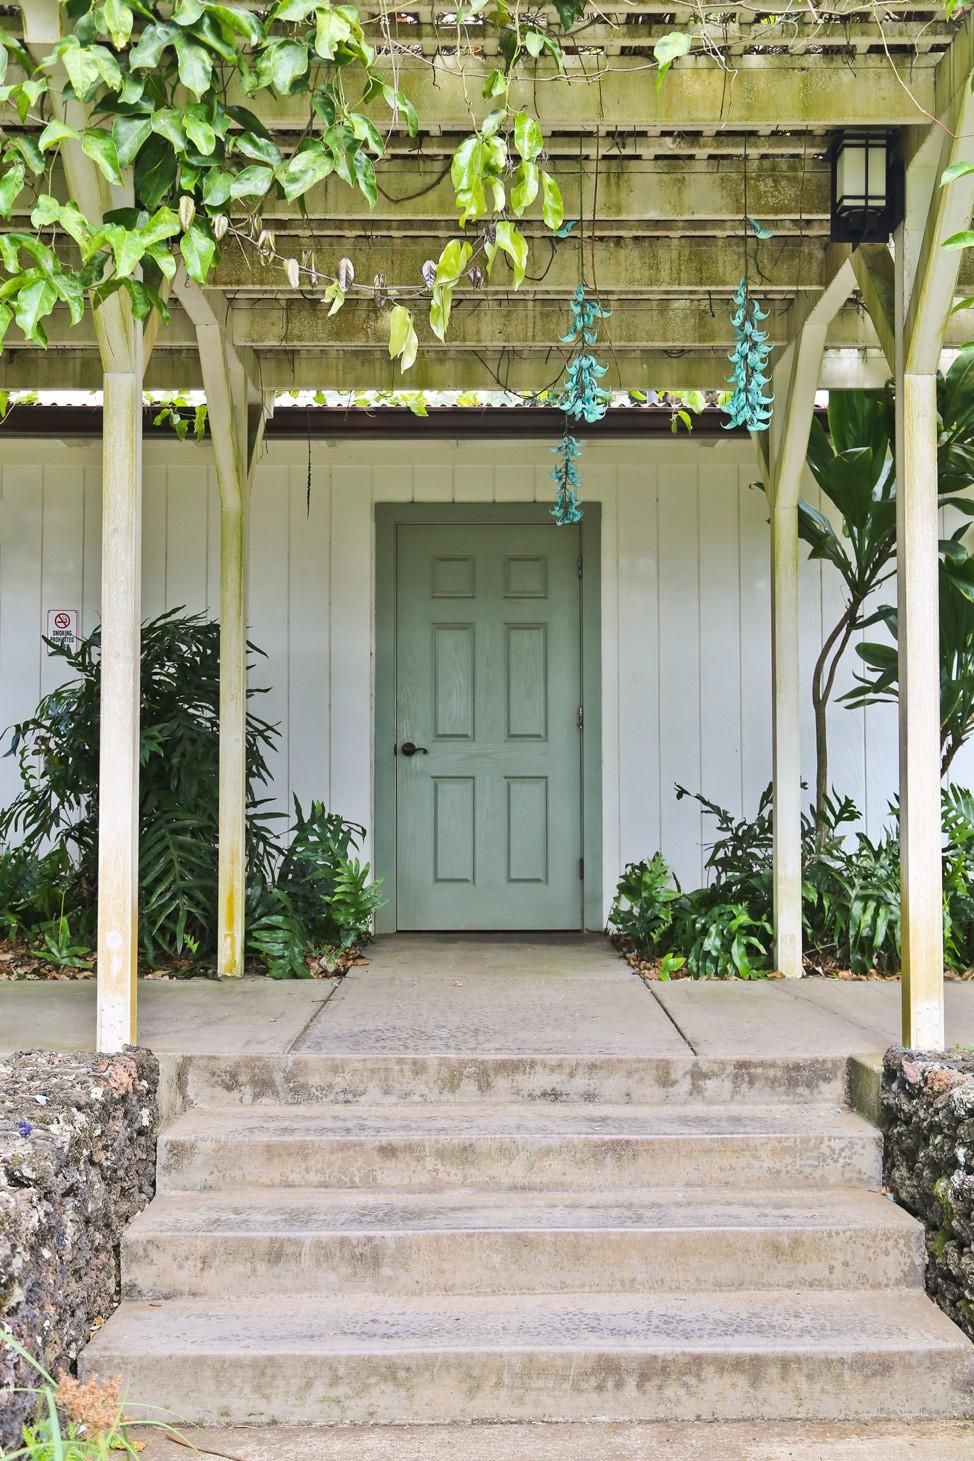 MauiWine Tour Review